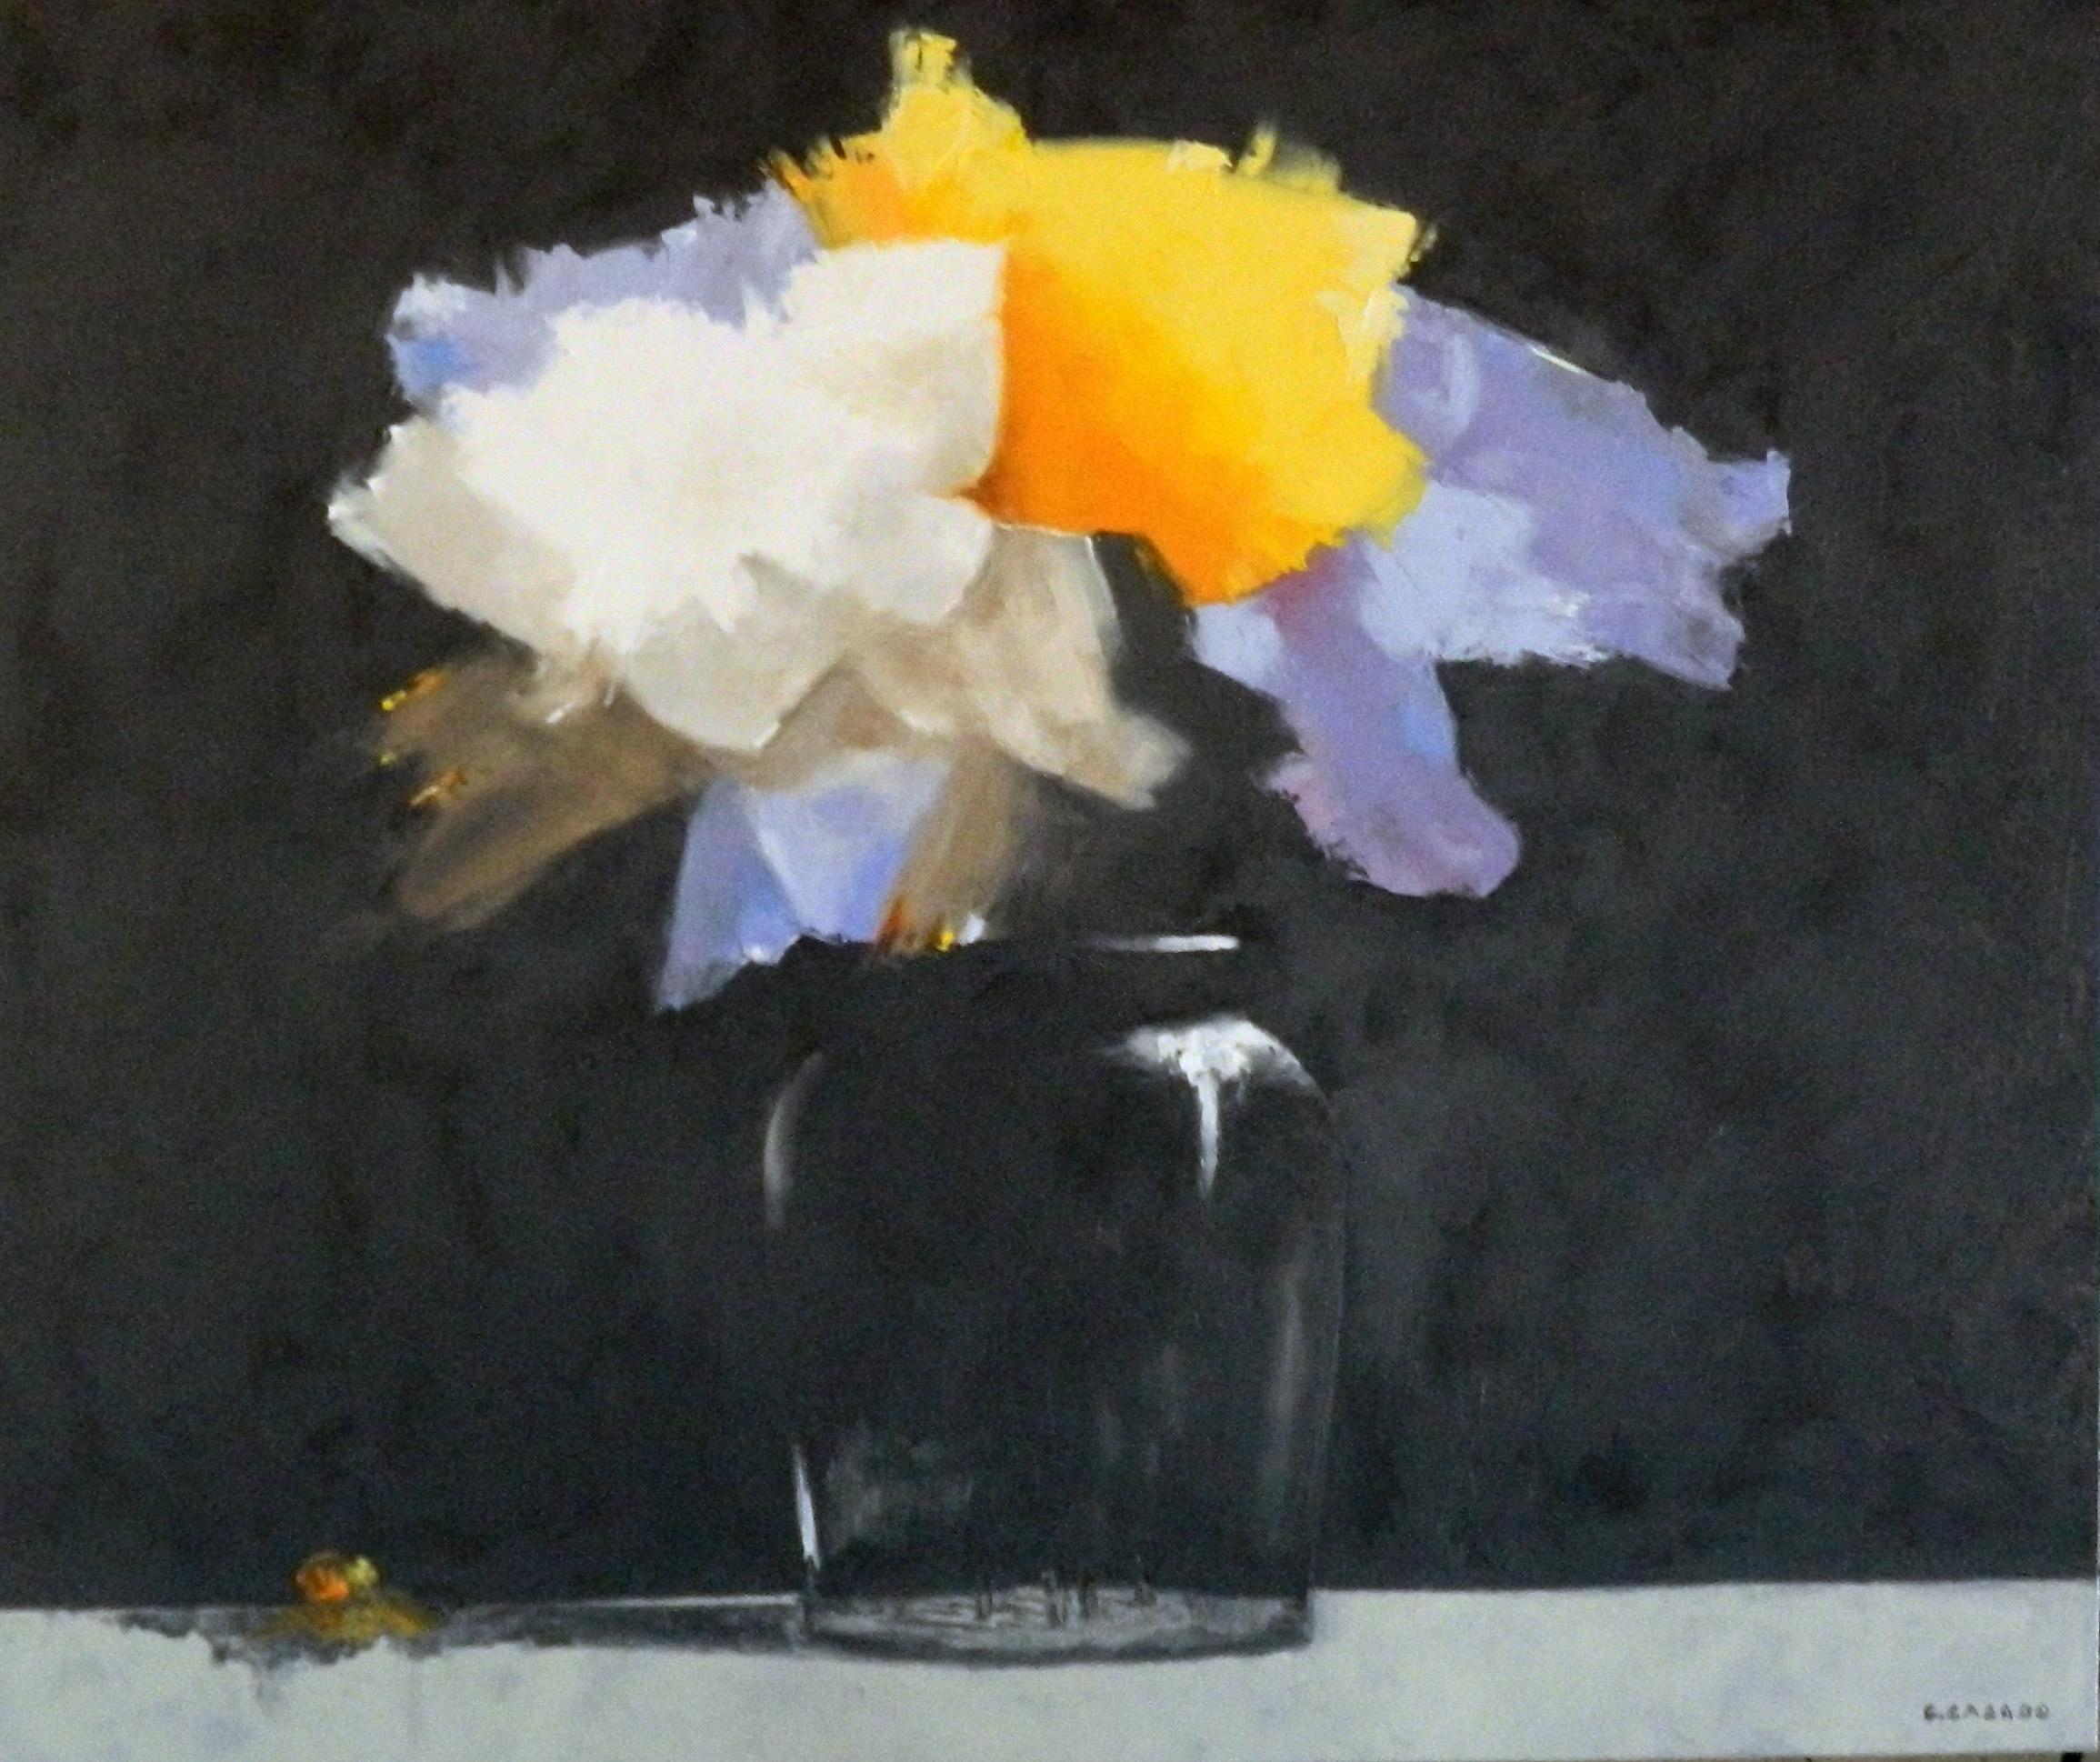 cores-das-flores-2-100-x-130